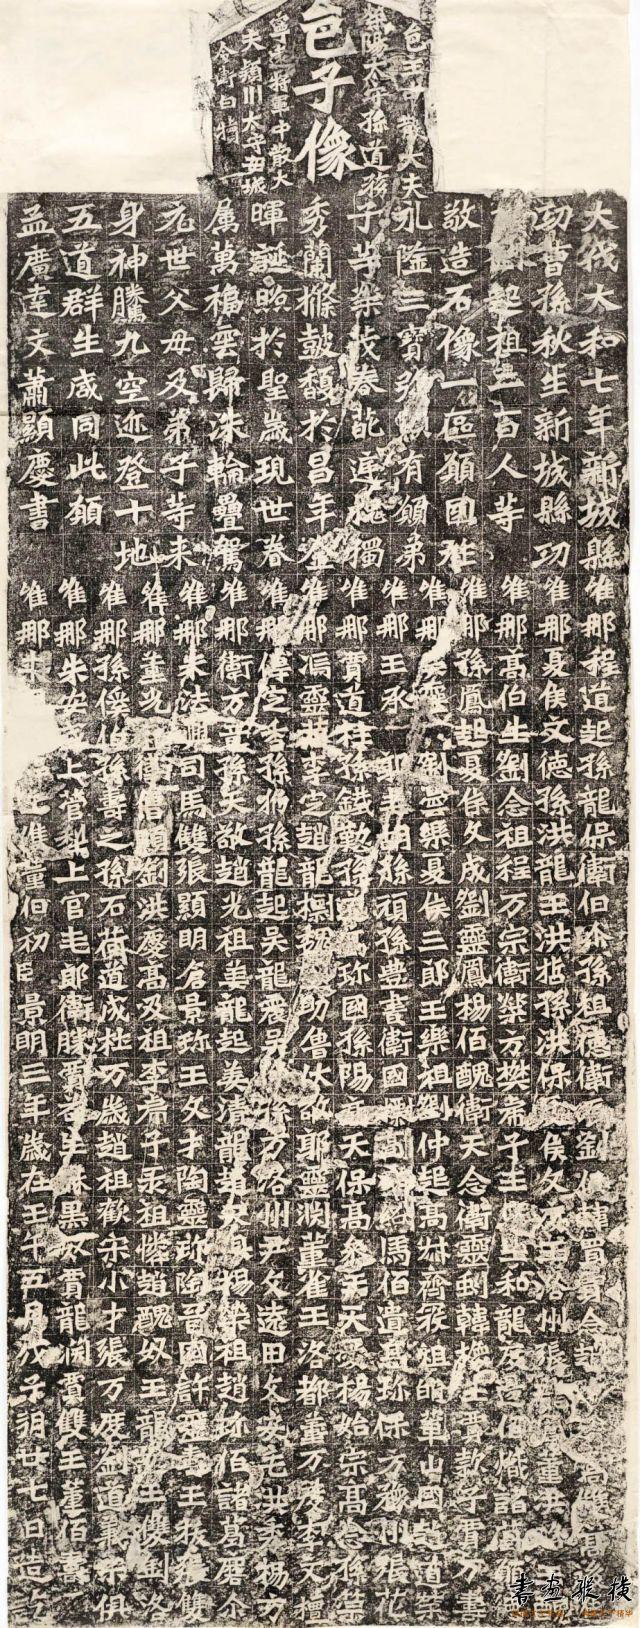 [汉代] 龙门石窟拓片--1923年  (410)_副本